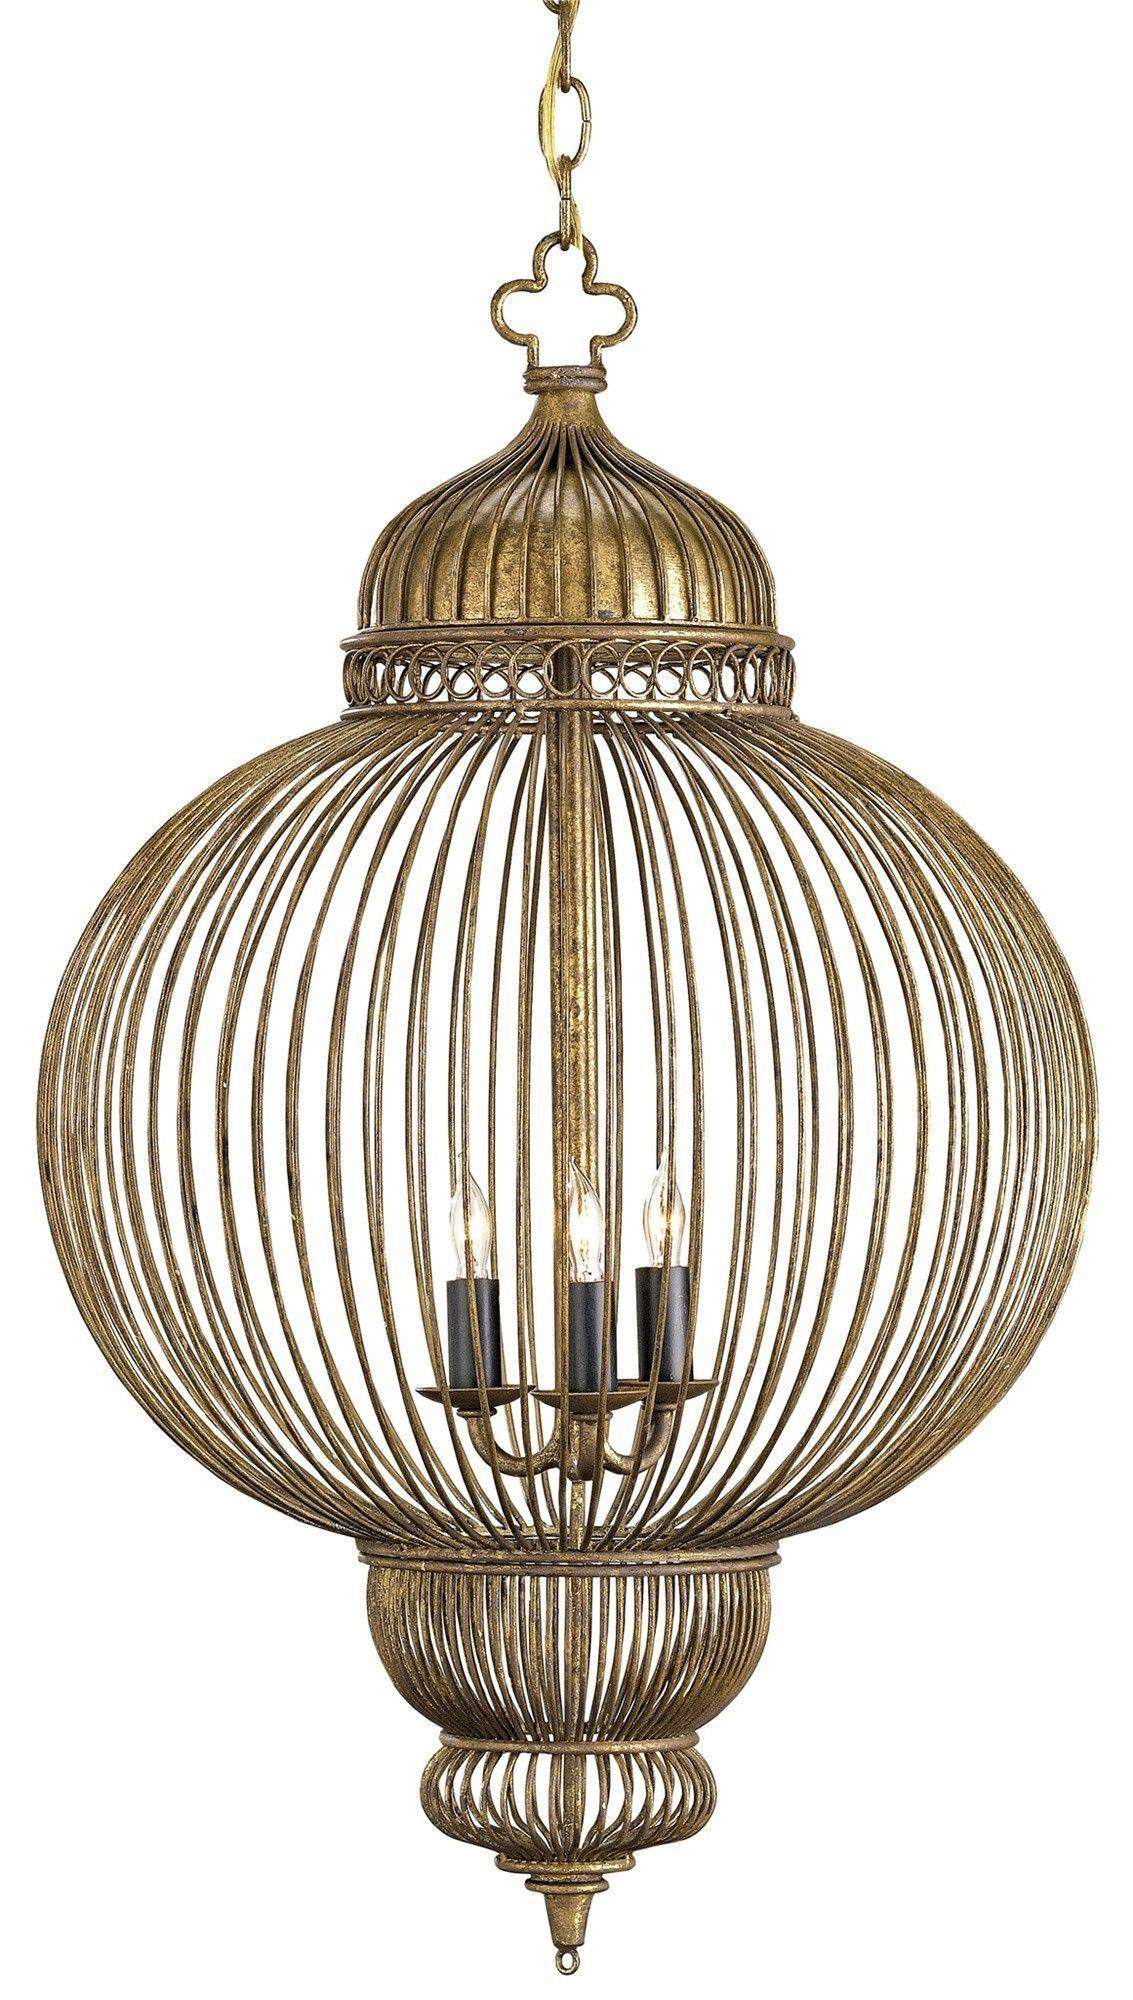 currey company lighting fixtures. Currey Company Giltspur Chandelier Lighting Fixtures N